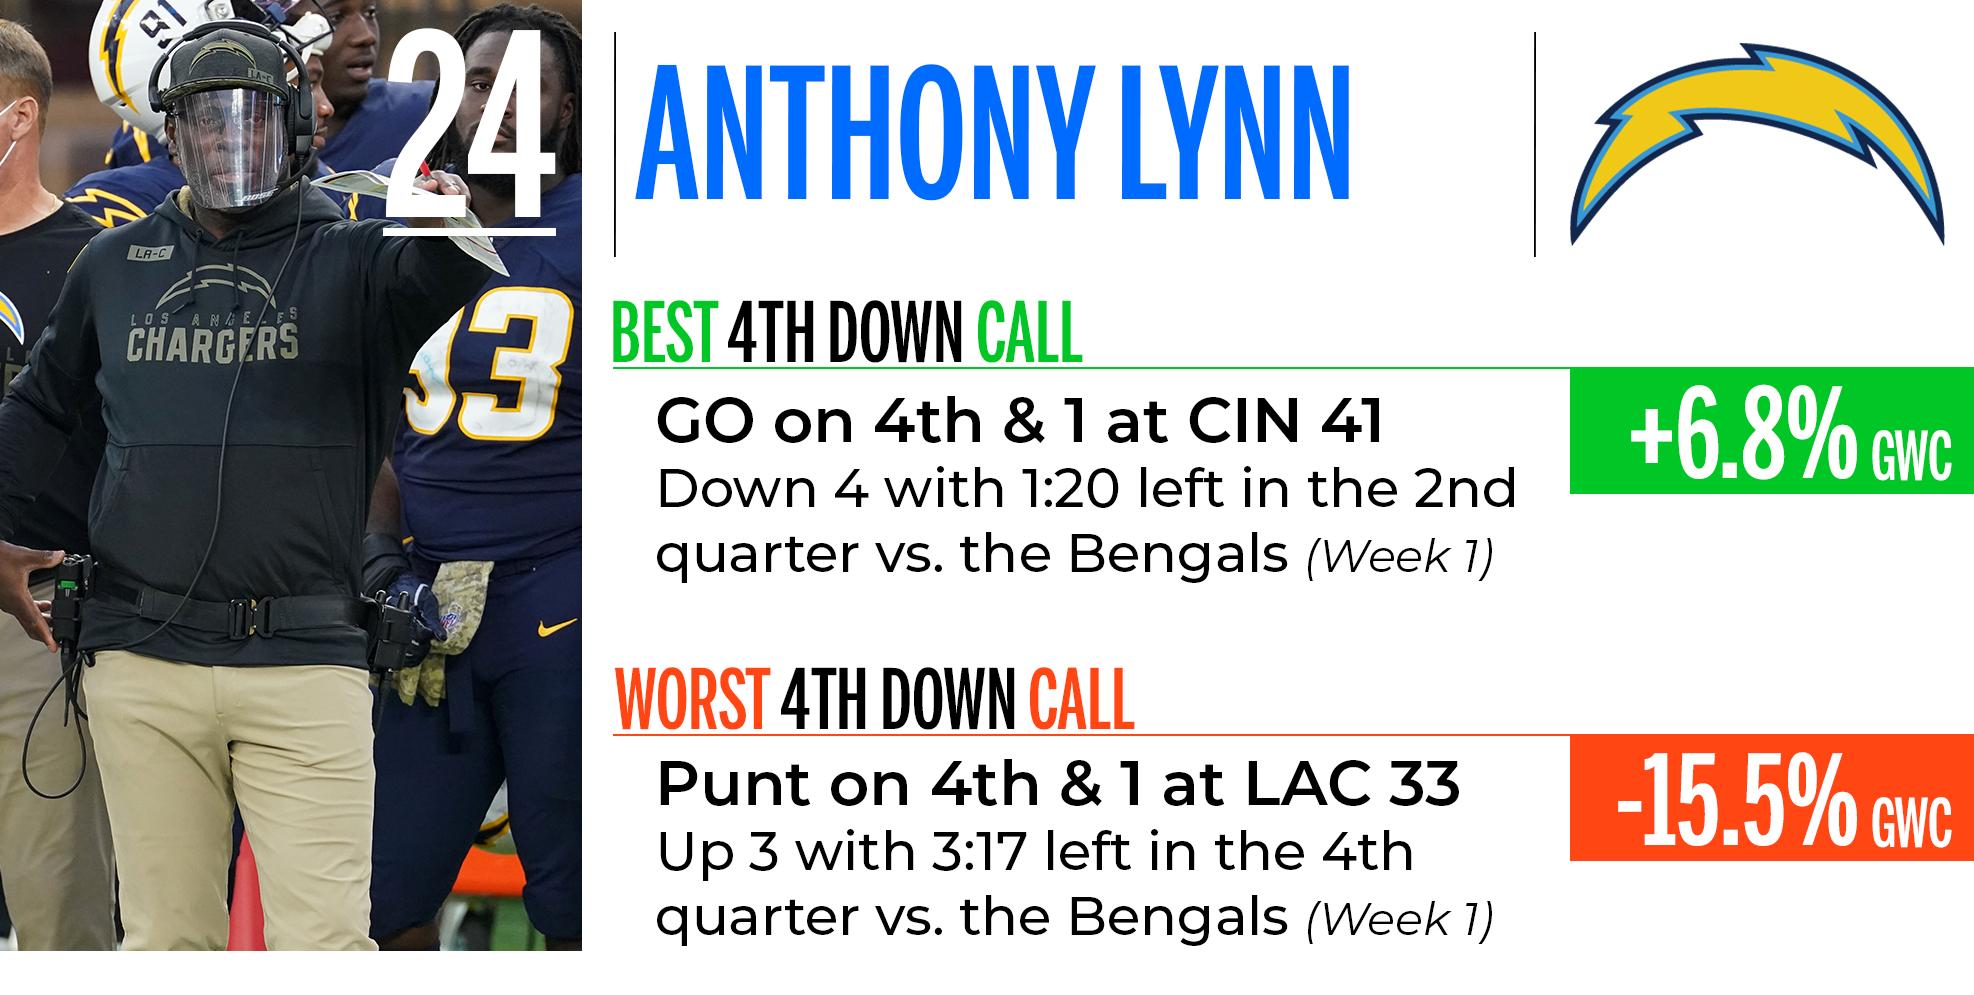 Anthony Lynn